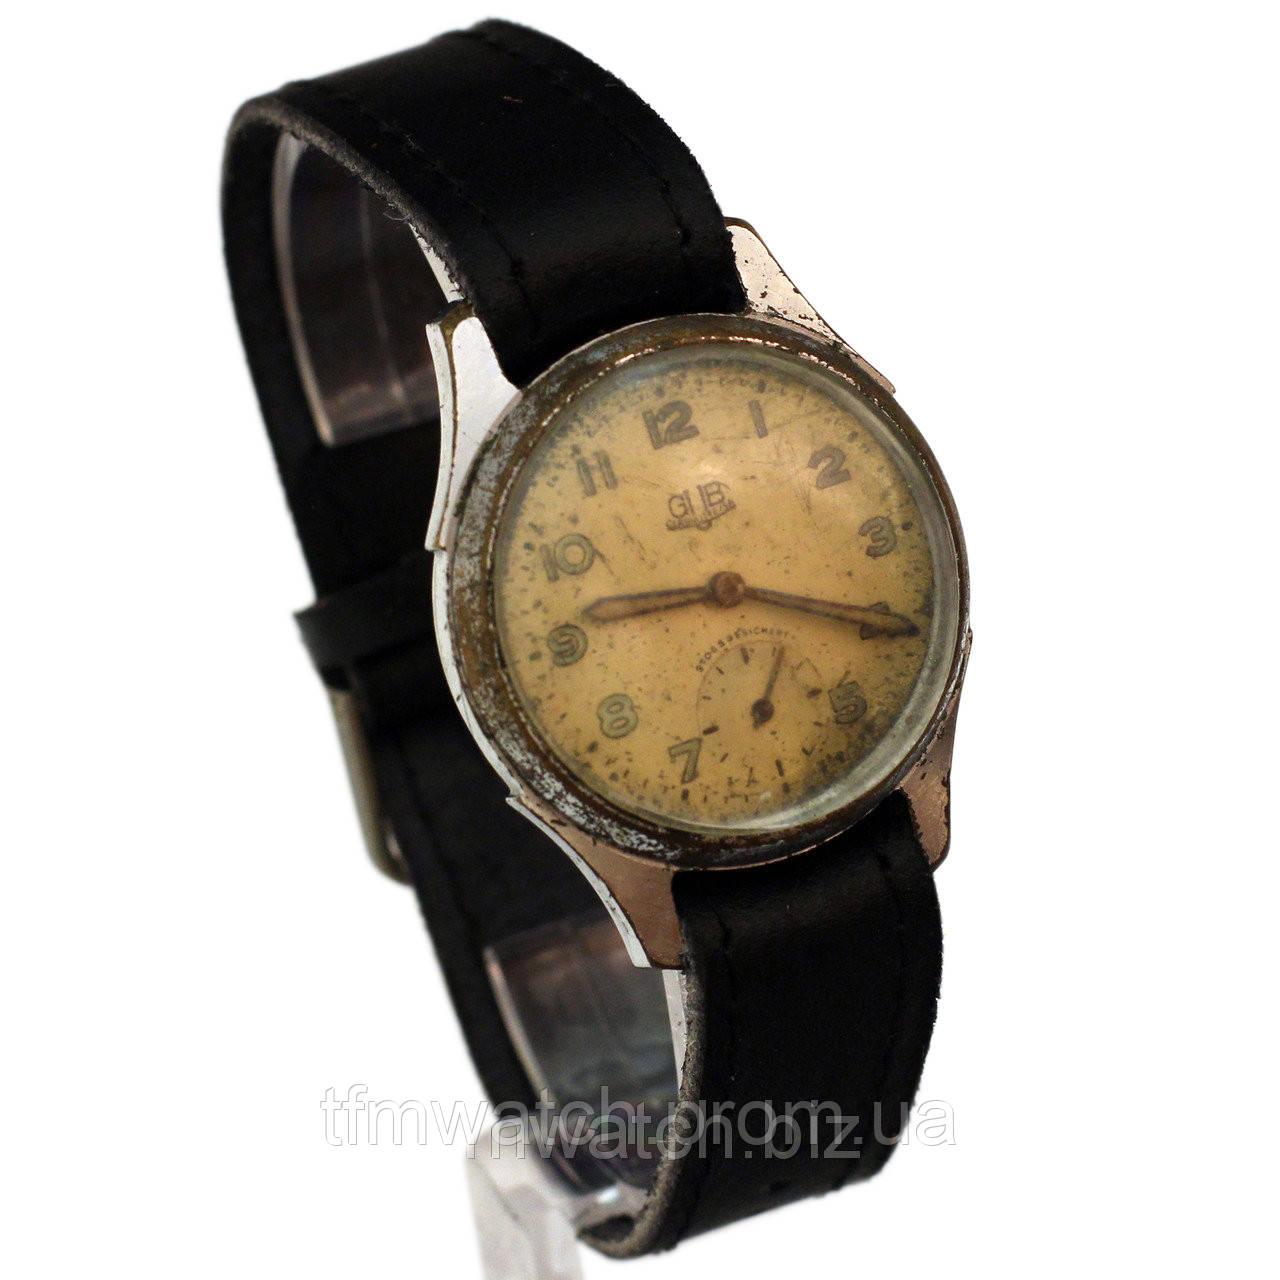 79702f39 Немецкие винтажные часы Gub Glashutte/sa - Магазин старинных, винтажных и  антикварных часов TFMwatch